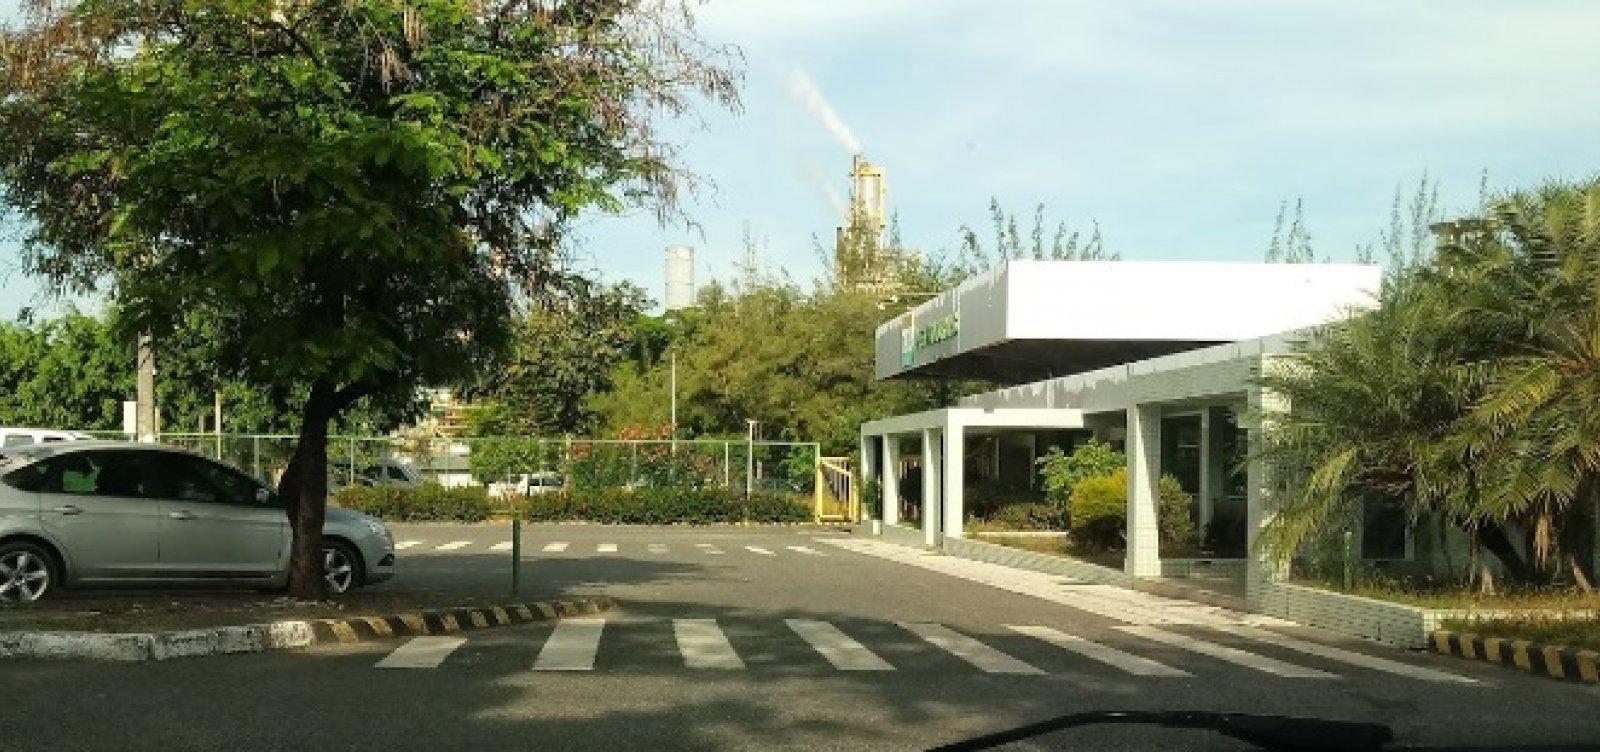 Fafen de Camaçari é arrendada pela Proquigel S.A.